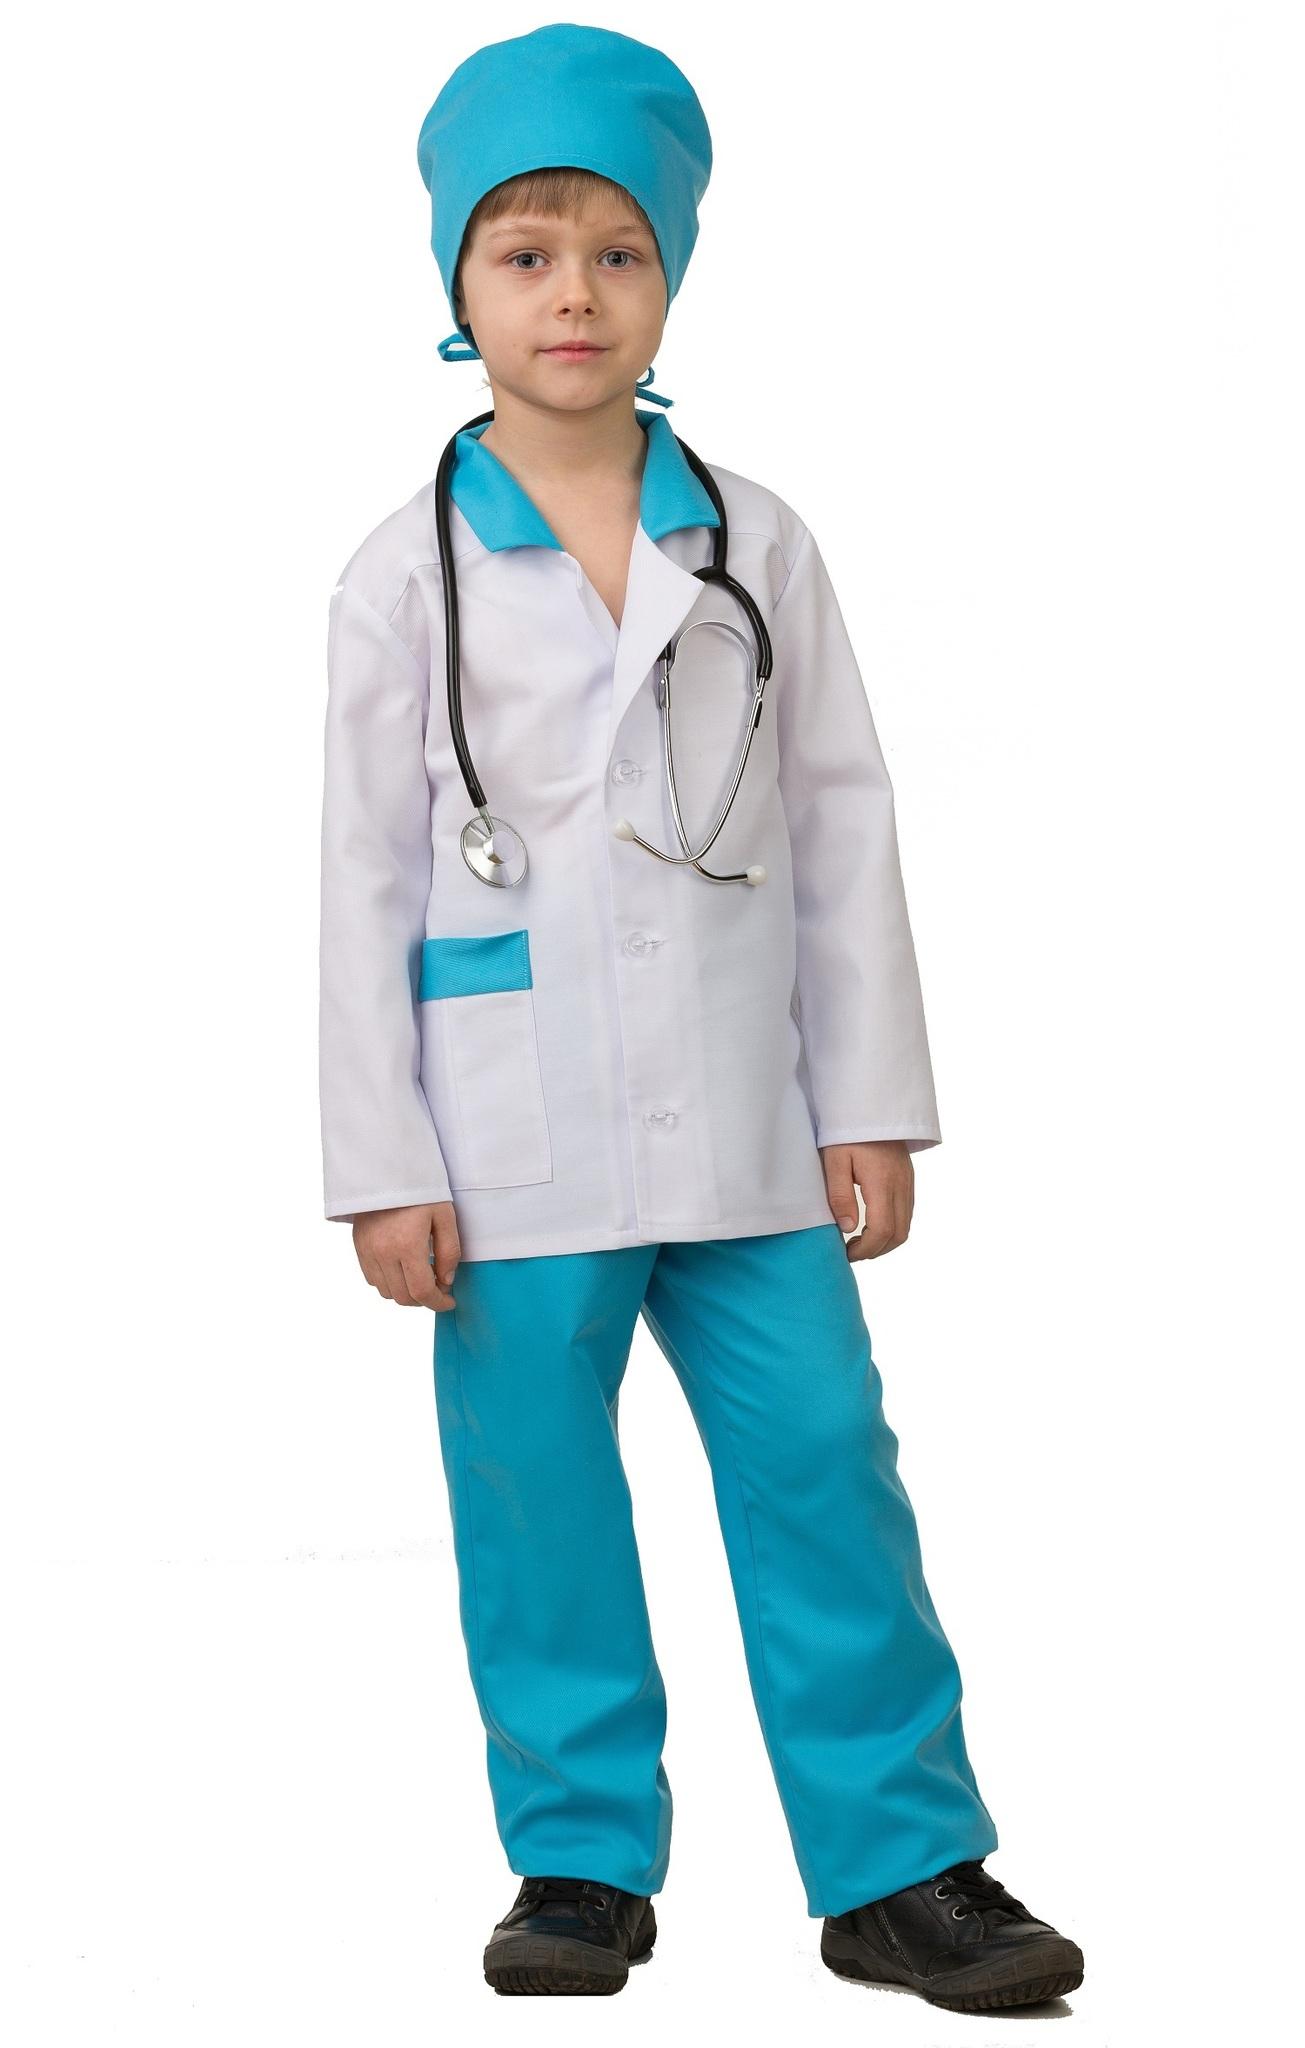 Картинки детей в костюме врача